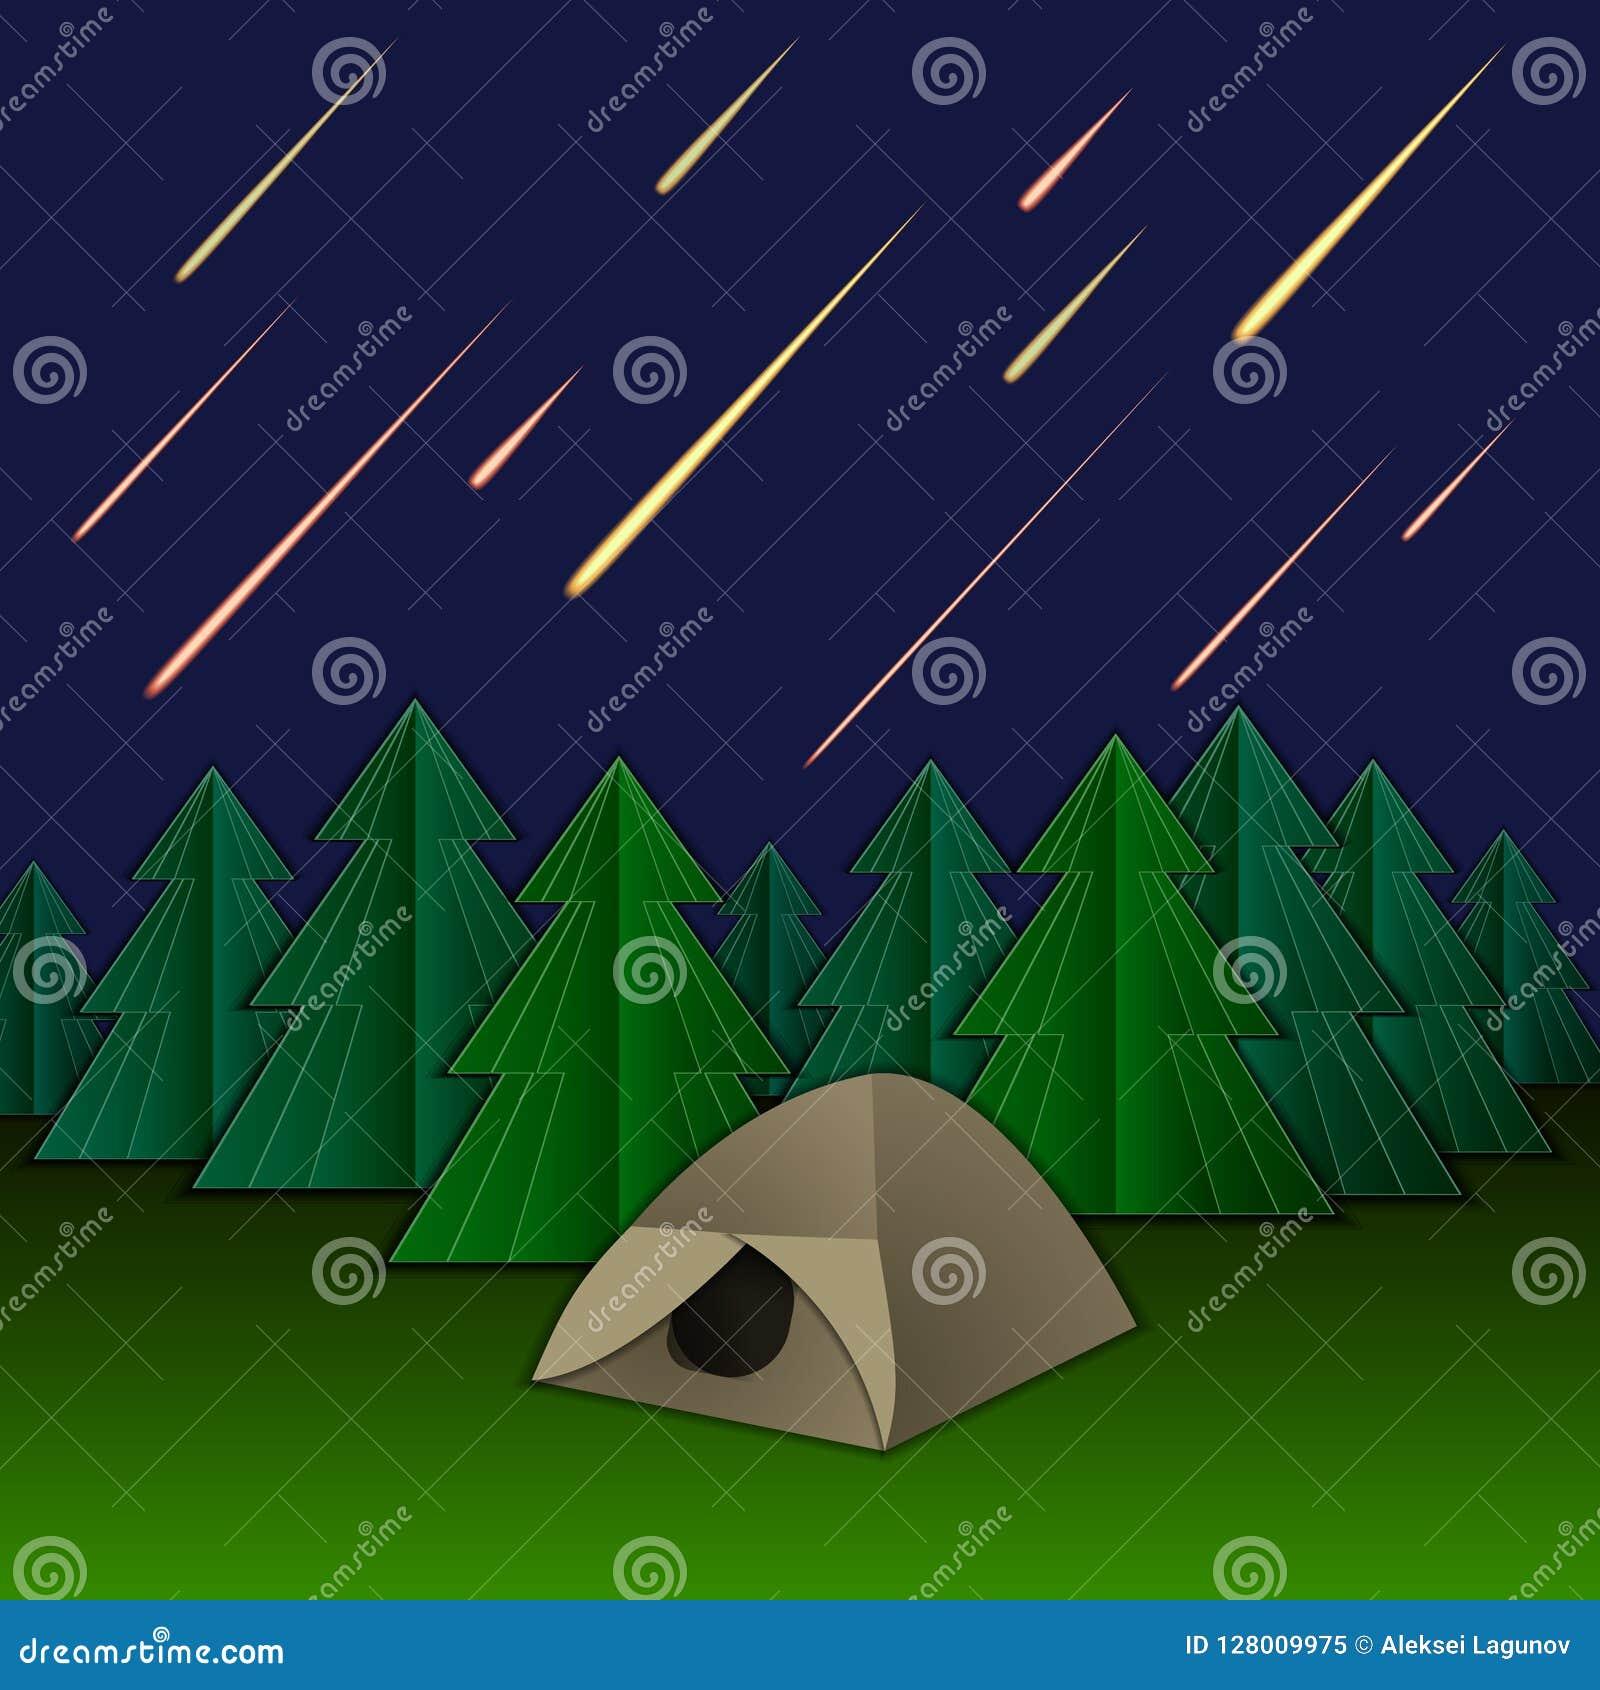 Vektormeteorregn, tält och granträd, glänsande meteor på himlen